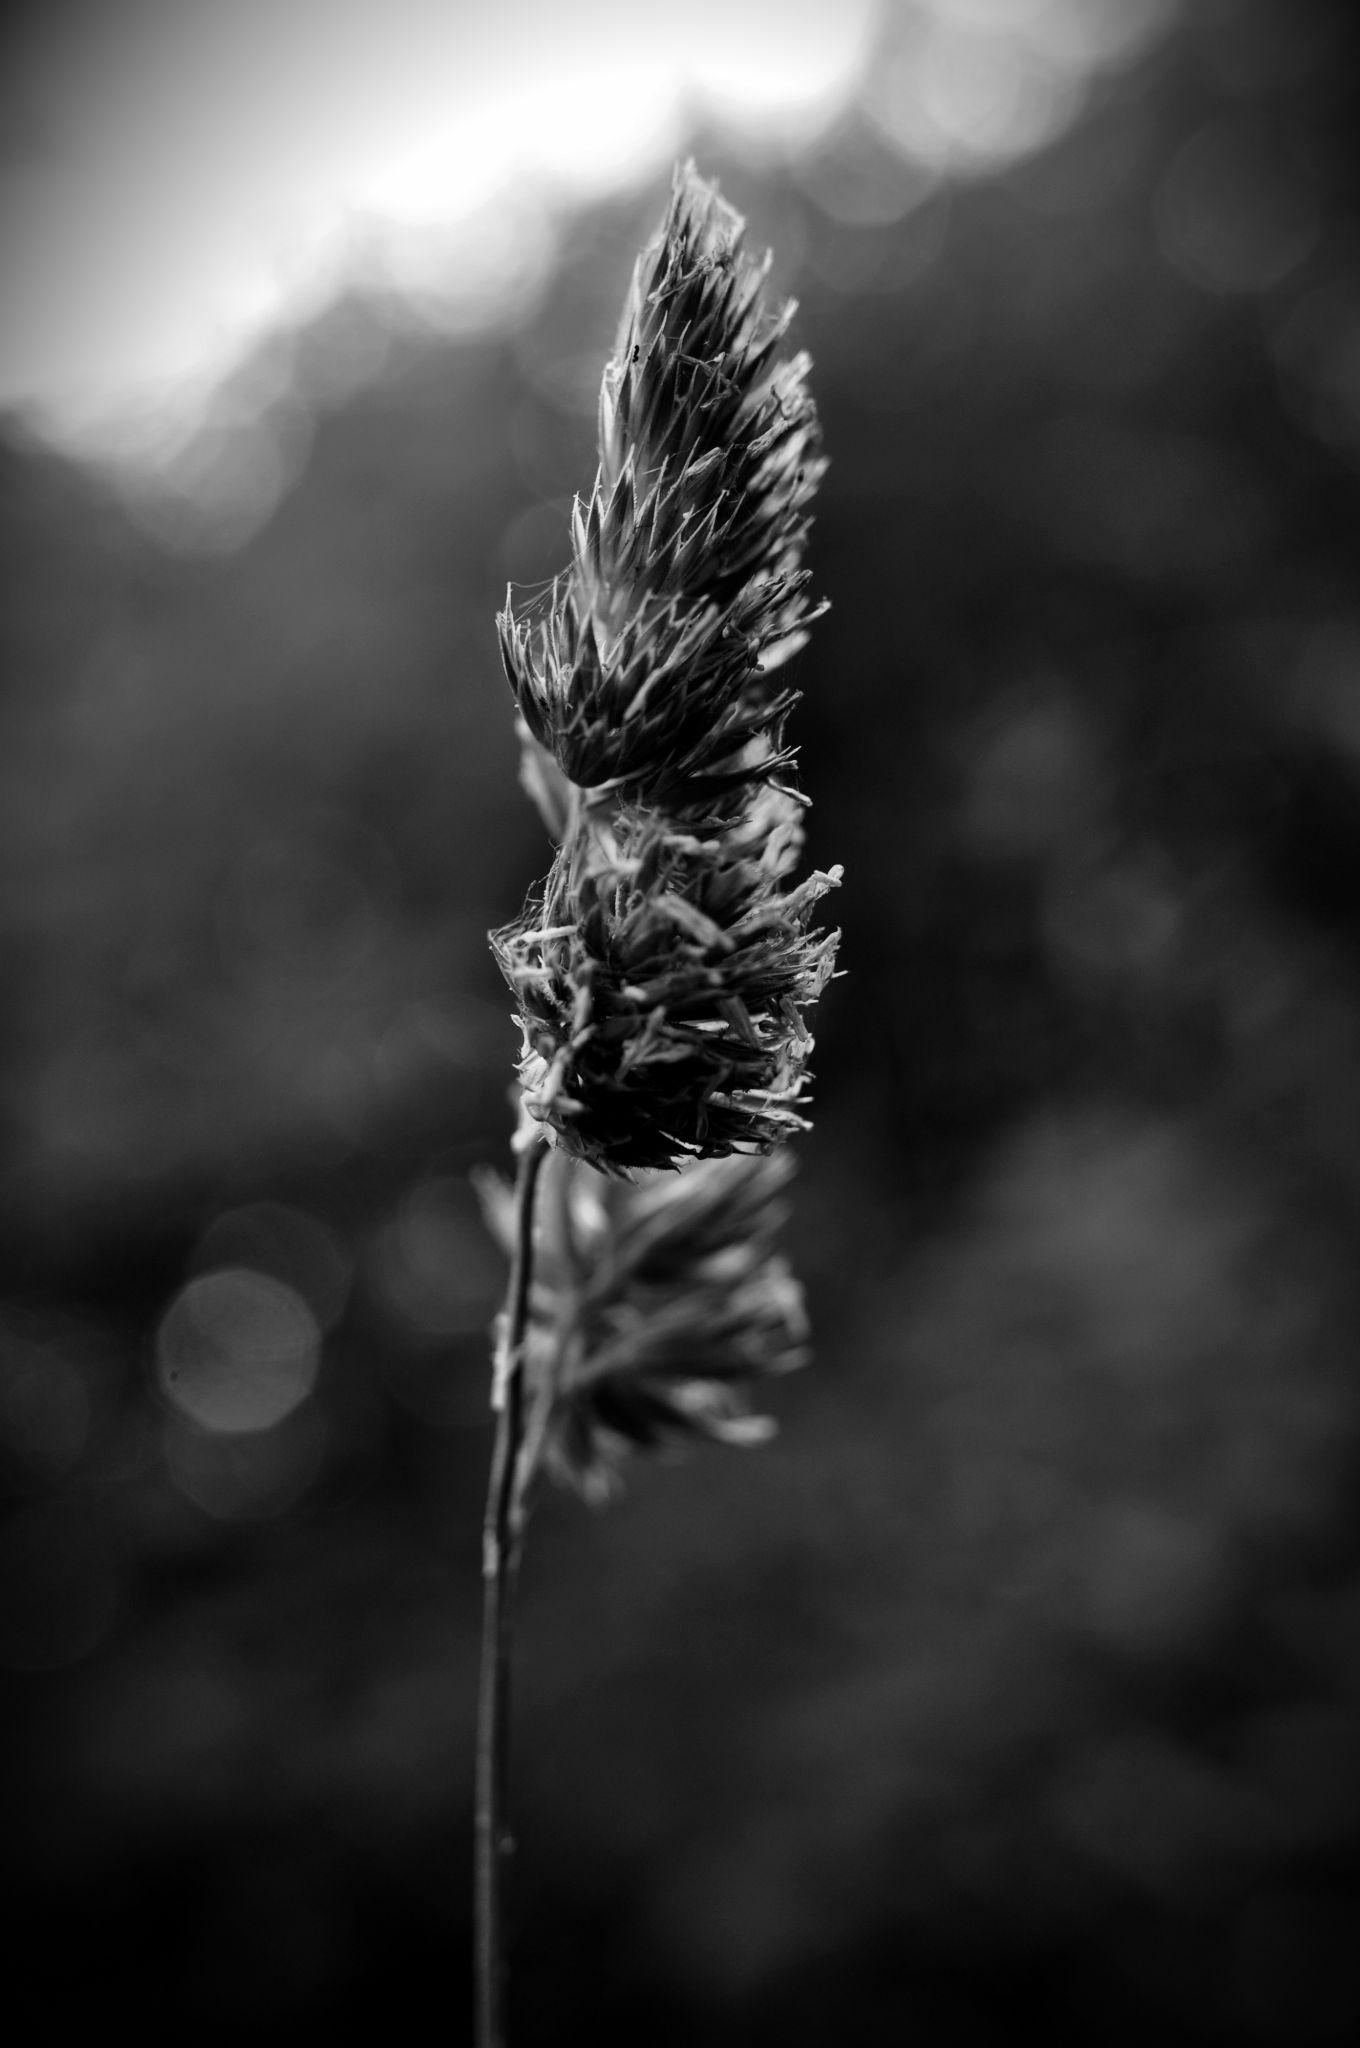 1 Stalk by Jacob Smith